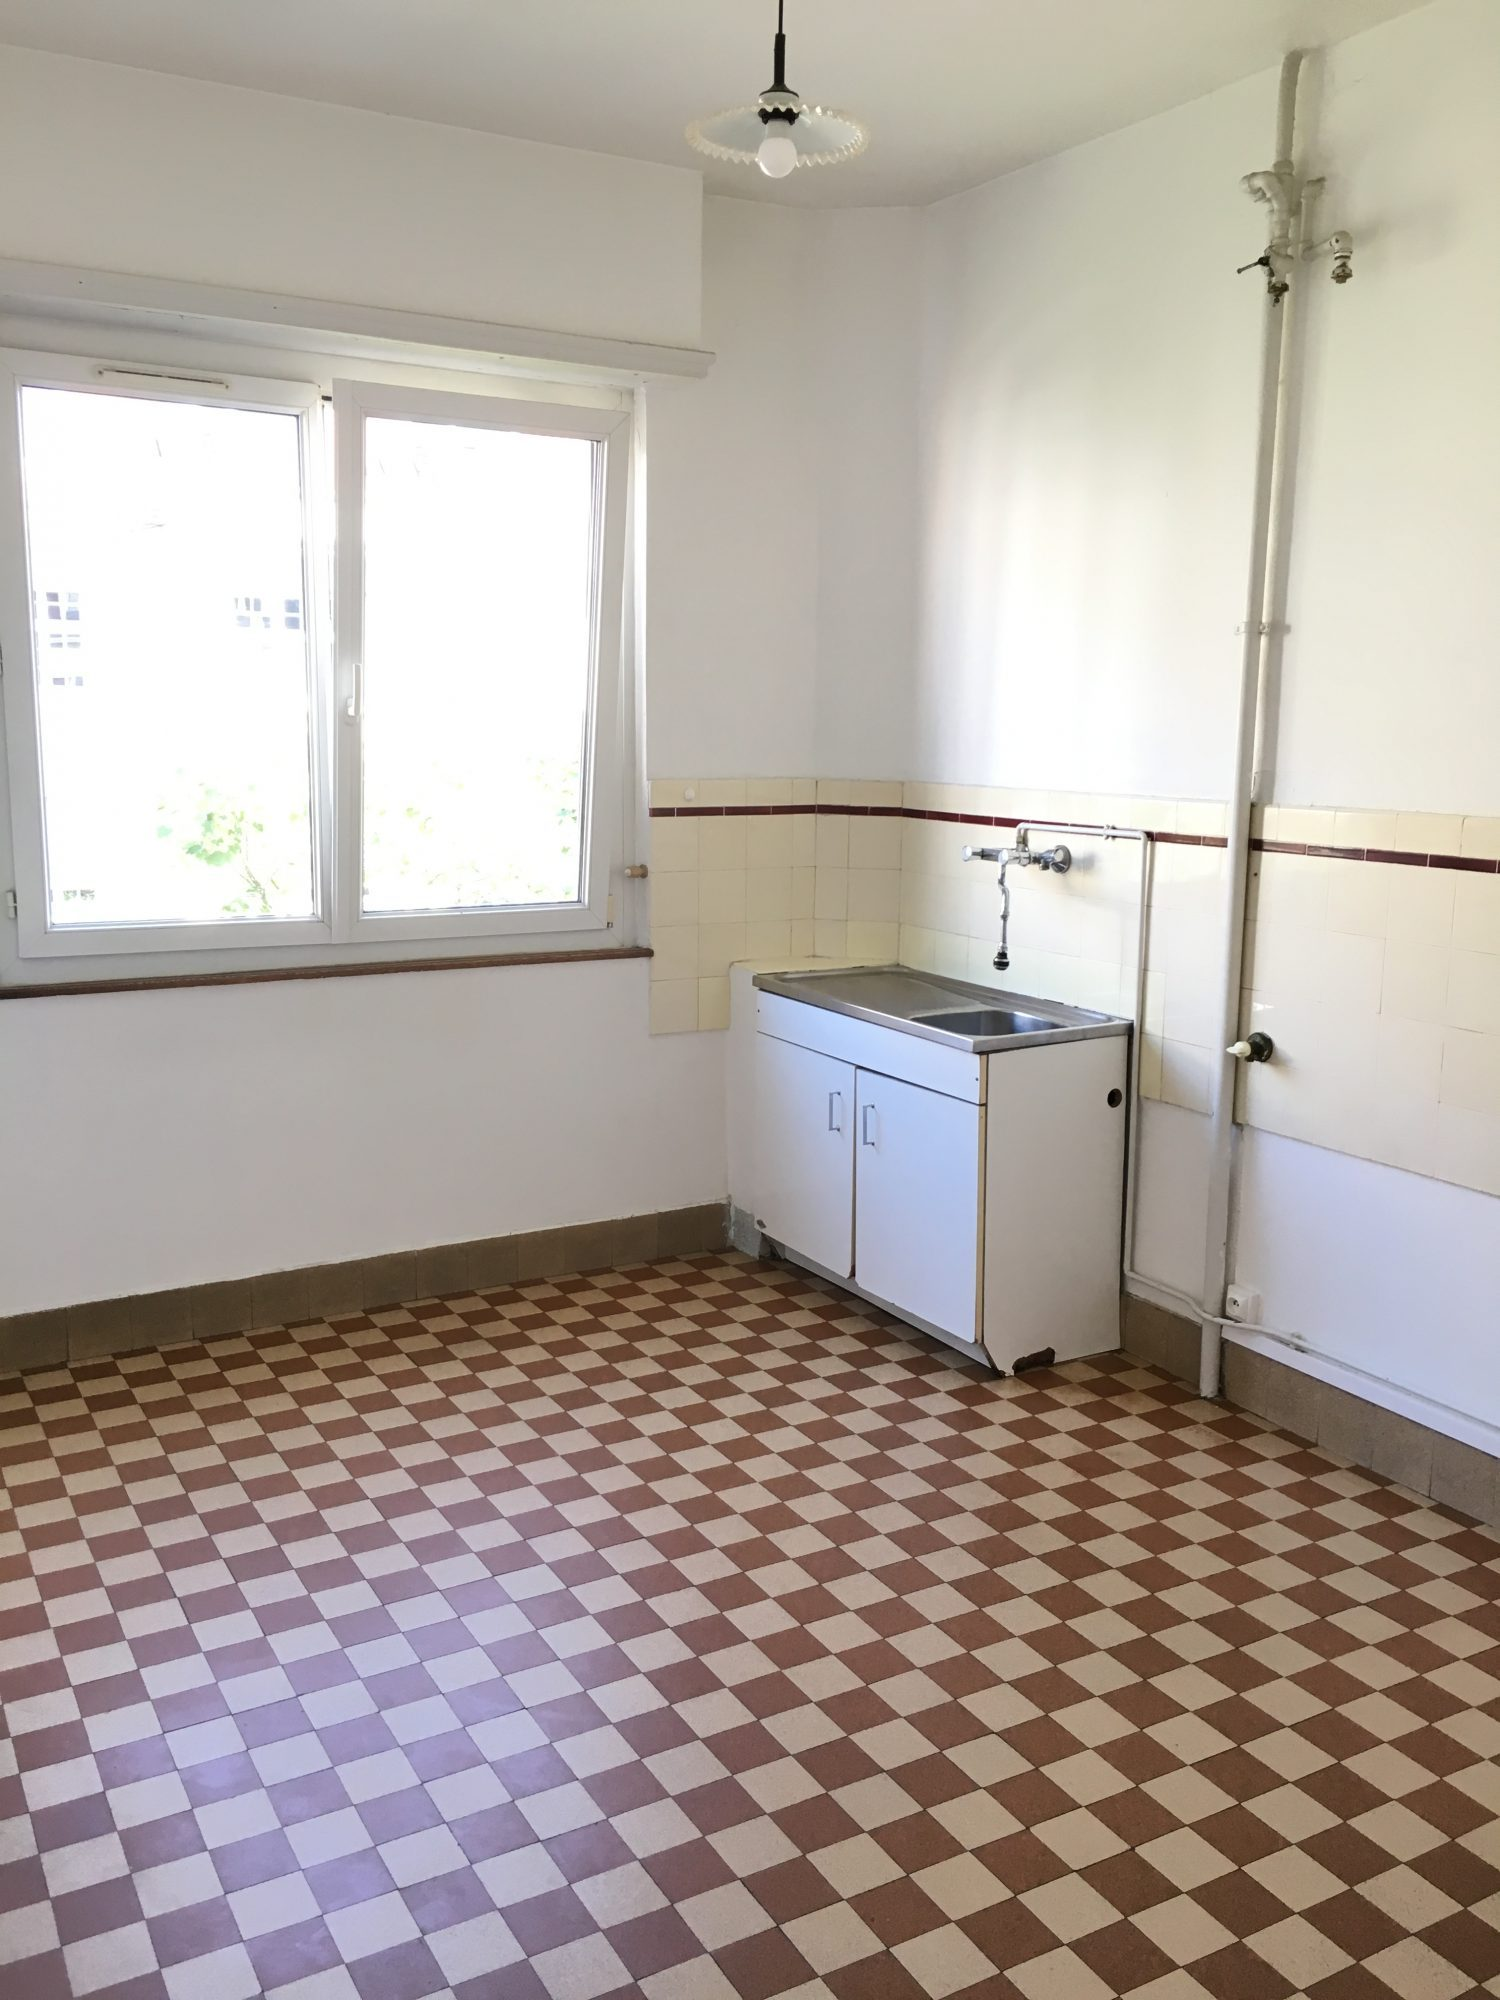 2 pièces à l'orangerie - Devenez locataire en toute sérénité - Bintz Immobilier - 6